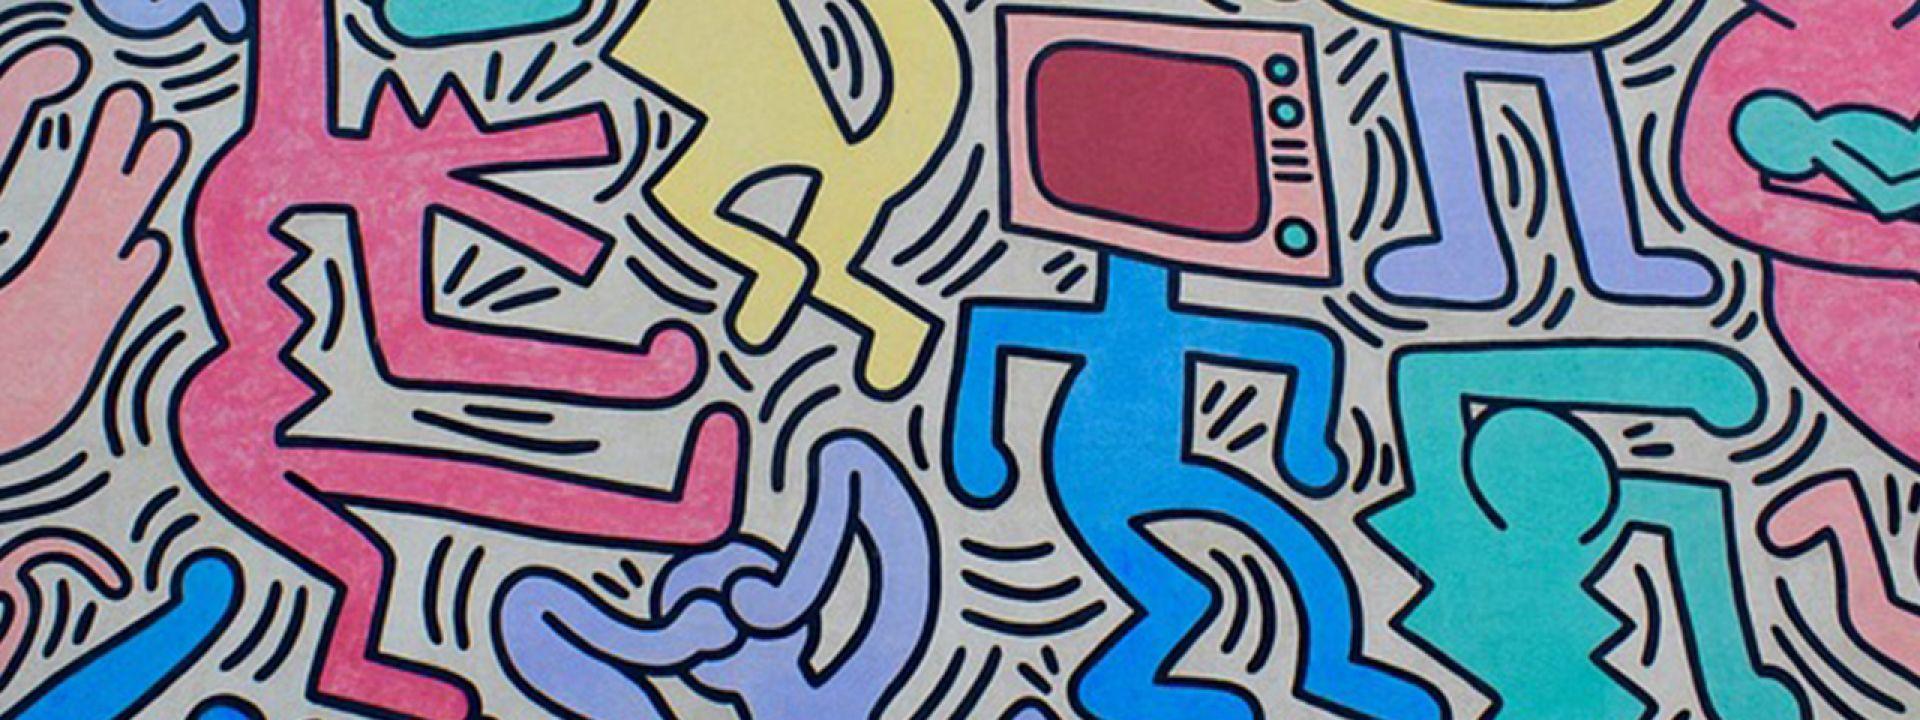 Εικαστικό εμπνευσμένο από τη δουλειά του Keith Haring